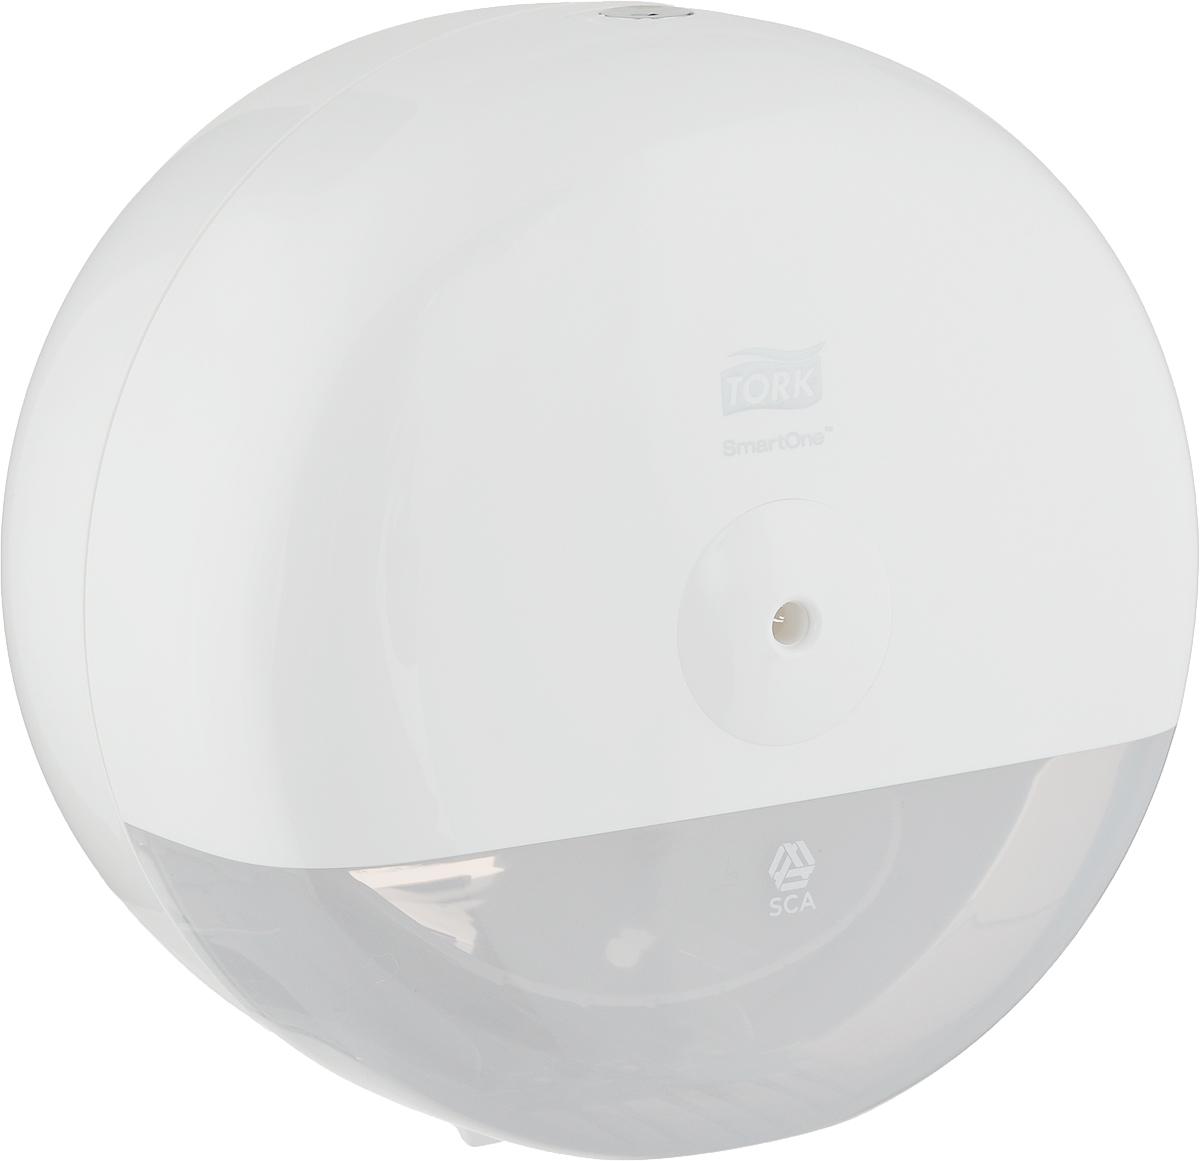 """Диспенсер для туалетной бумаги Tork """"SmartOne"""" - уникальная система, обеспечивающая гигиеничный полистовой  отбор и до 40% экономии по  сравнению с традиционными большими рулонами. Благодаря компактному размеру диспенсер Tork SmartOne  для туалетной бумаги в мини-рулонах подходит даже для маленьких кабинок. Оптимальная замена традиционной  туалетной бумаги в мини-рулонах (мини-Джамбо). Диспенсер из противоударного пластика выполнен в дизайне  серии Tork Elevation.  Диспенсер гигиеничен, потому что гости касаются руками только того листа бумаги, который они используют Надежная конструкция с металлическим замком и ключом защищает рулон и предотвращает кражи. Большая емкость сокращает время на обслуживание и гарантирует постоянное наличие бумаги.  Детали крепежа и металлический ключ в комплекте.  Размер диспенсера: 21,9 х 21,9 х 15,6 см."""